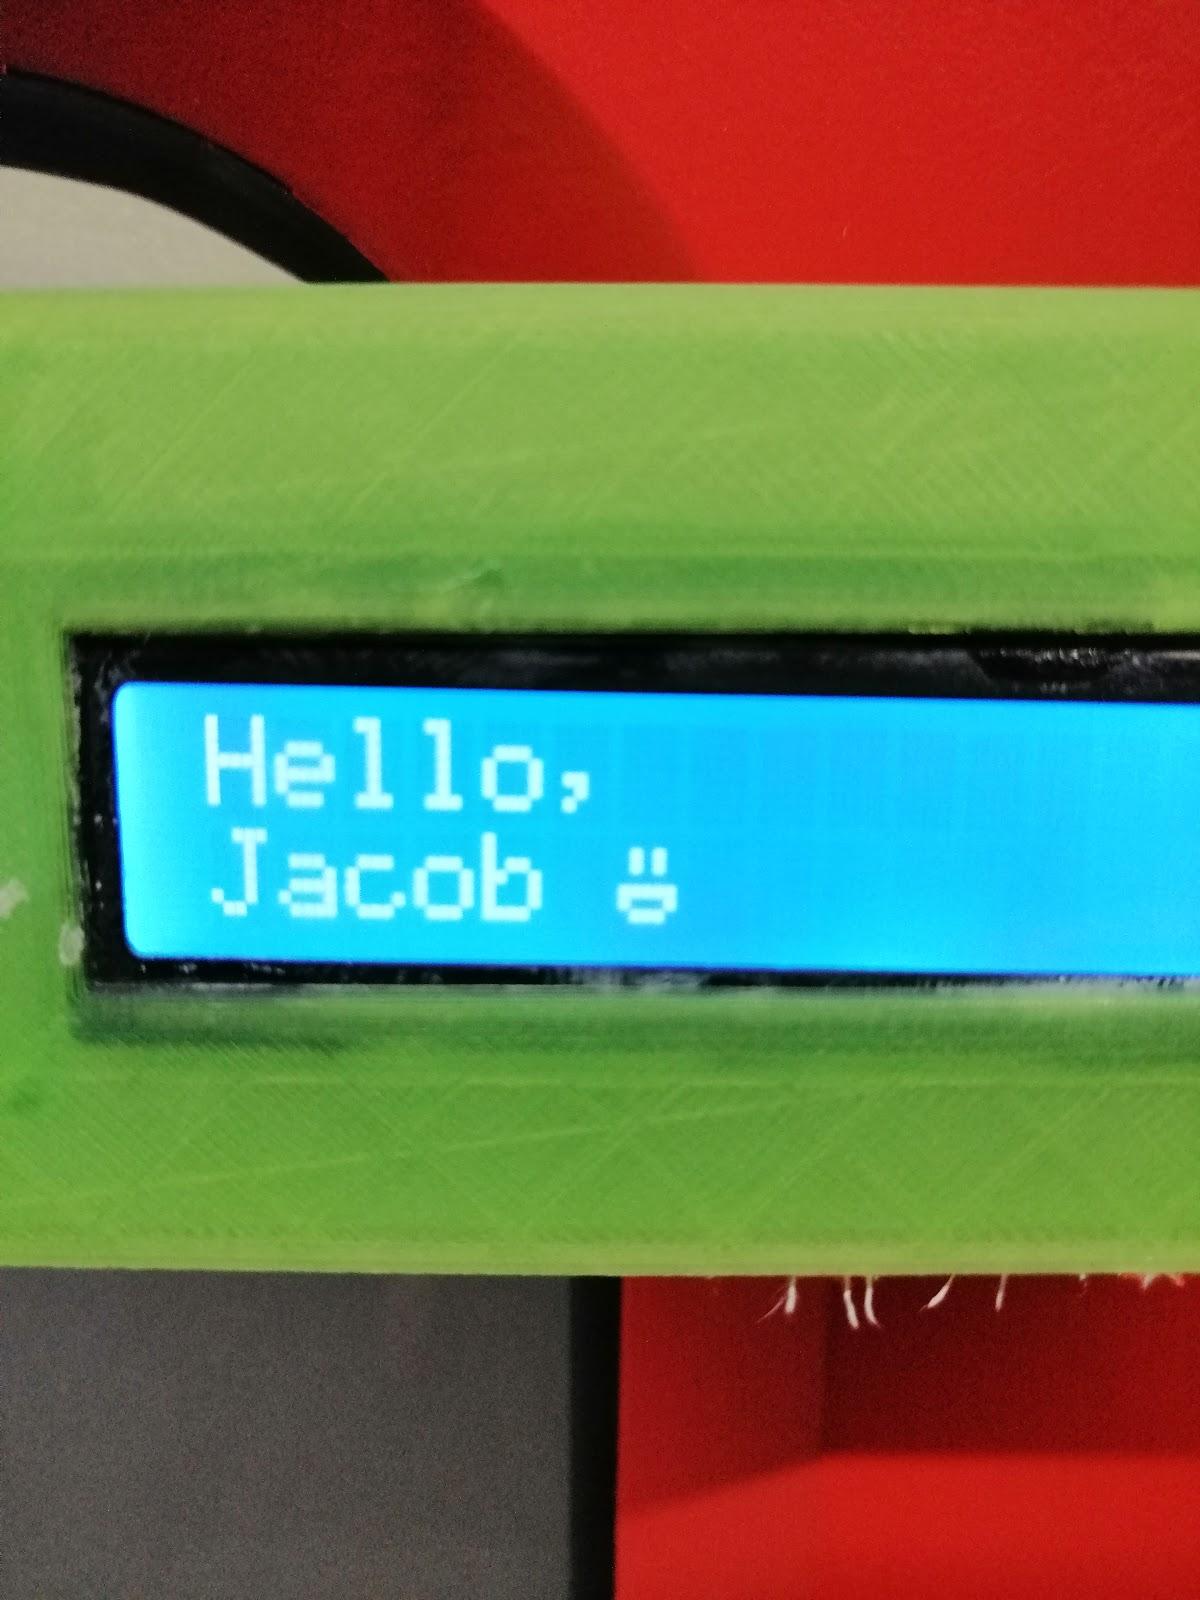 hello jacob on a screen